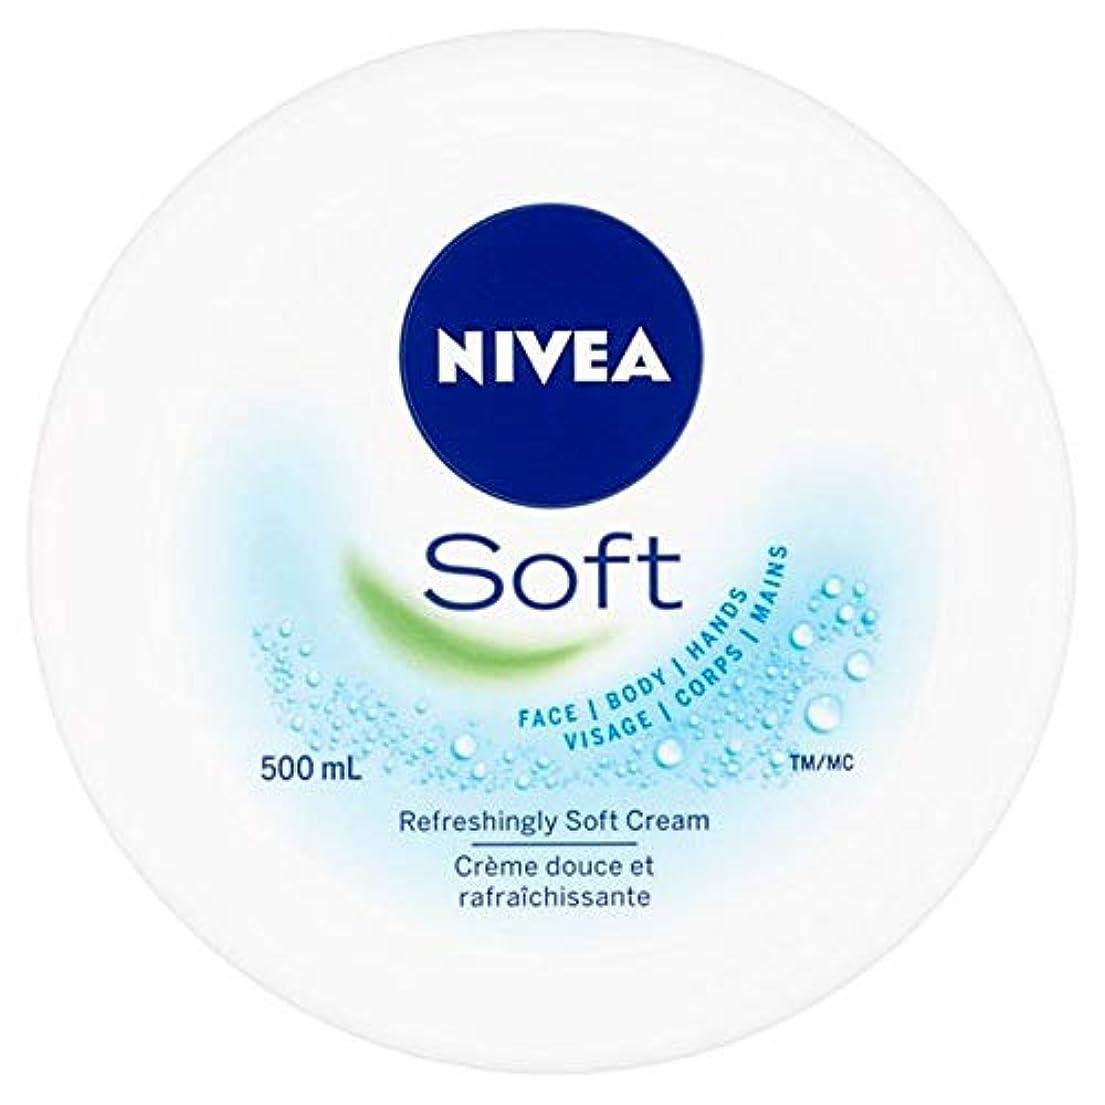 知性修理工ハイジャック[Nivea] ニベアソフト爽やかなクリーム500ミリリットル - Nivea Soft Refreshing Cream 500Ml [並行輸入品]